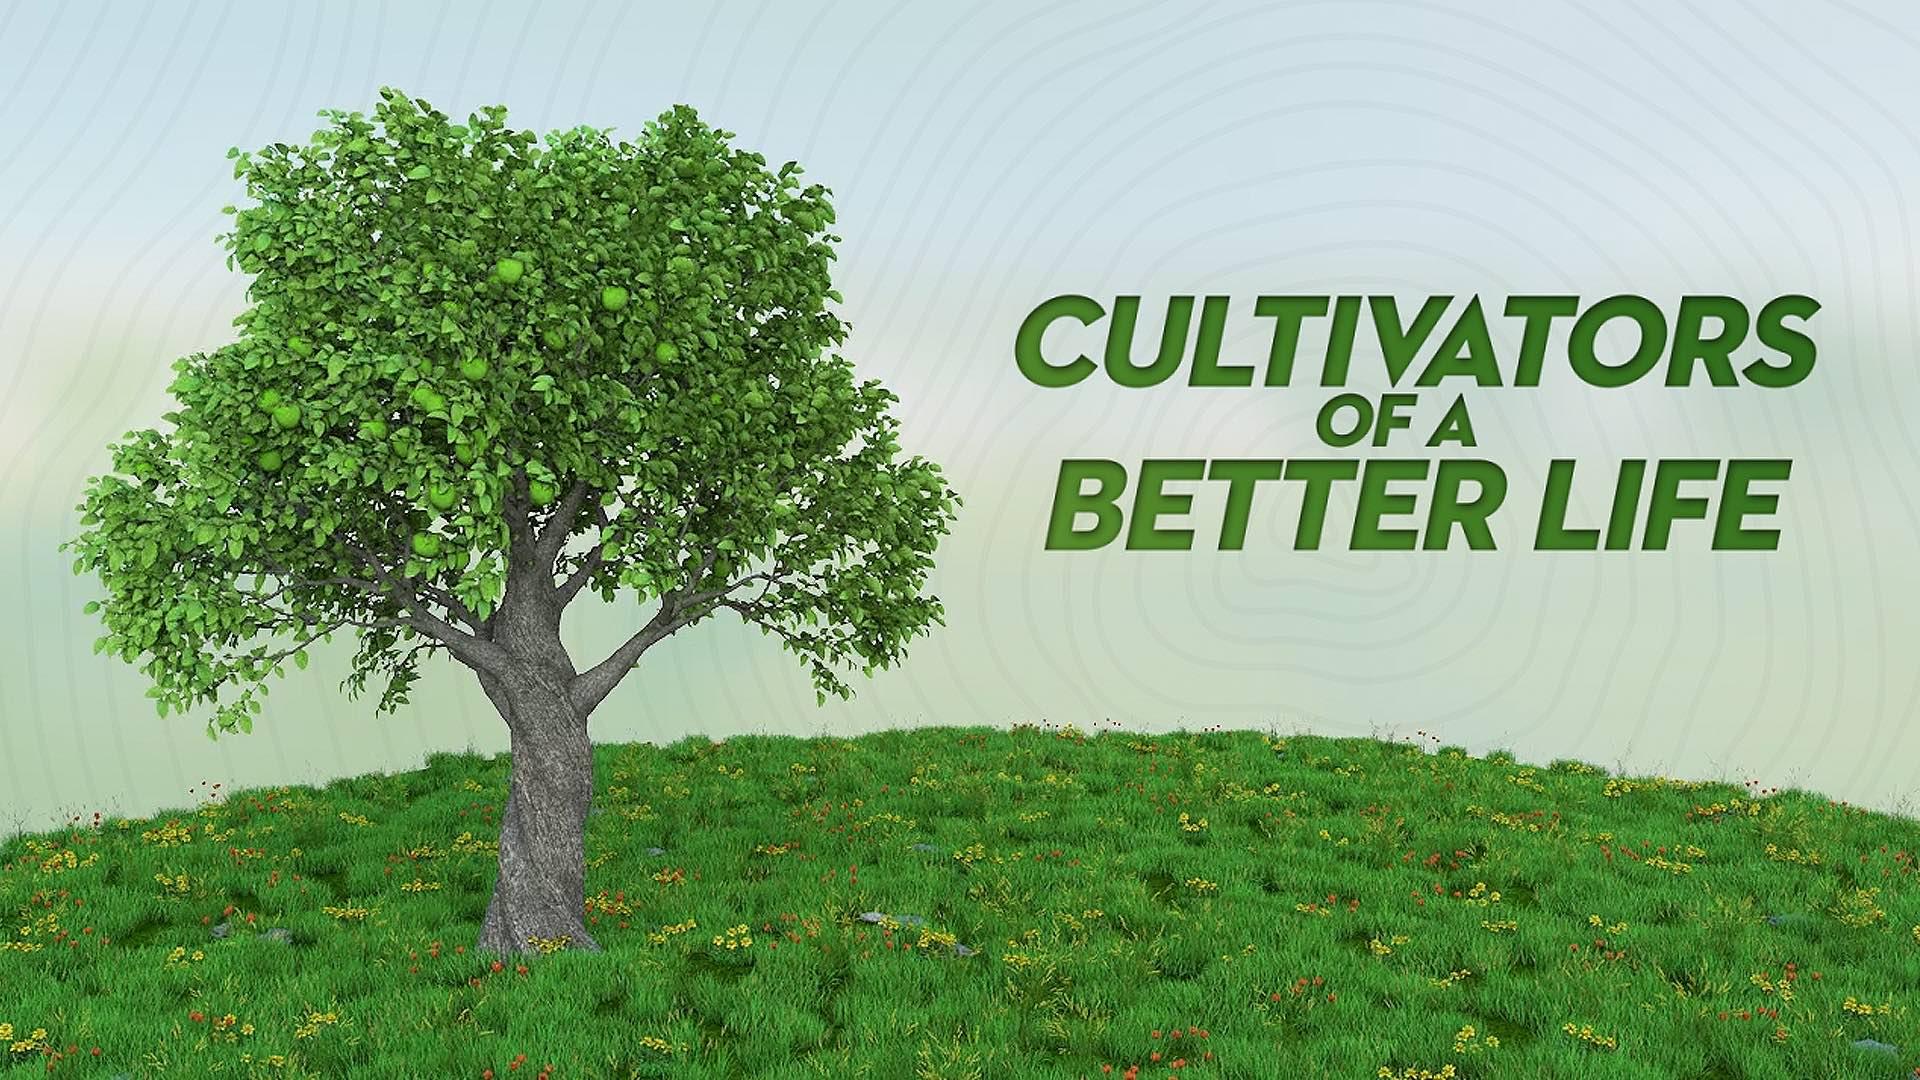 Cultivators of a Better Life